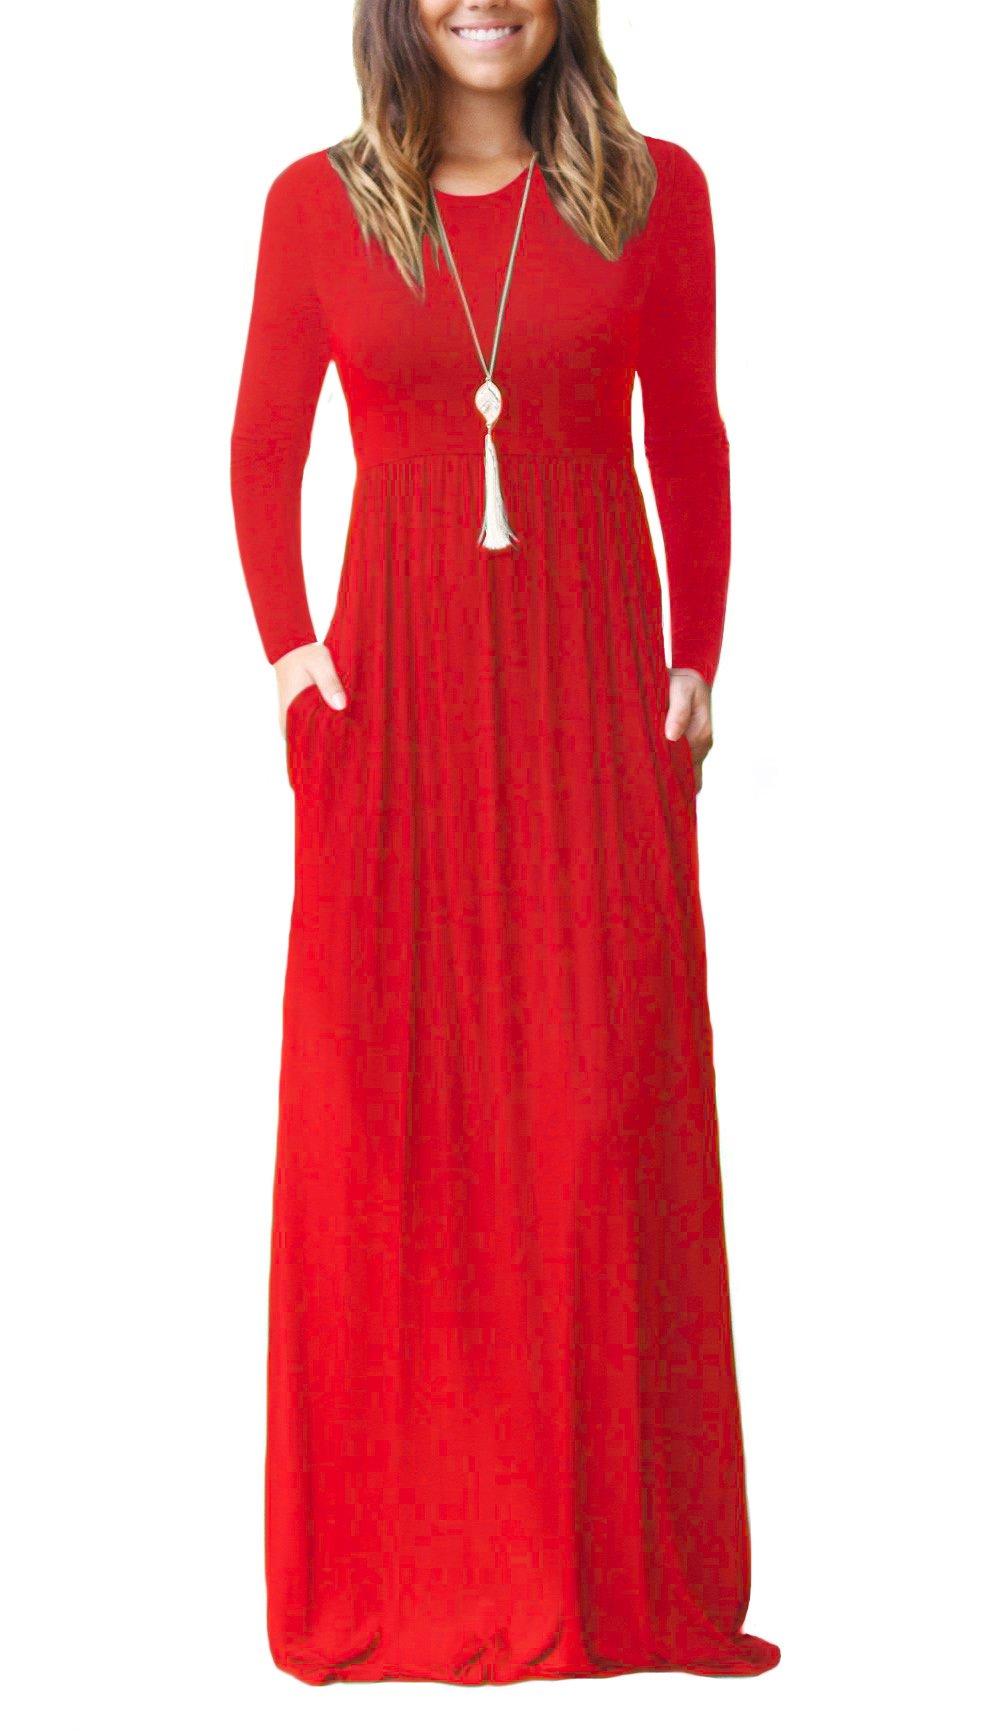 Red Dress - Women's Summer Casual Tshirt Dresses Short Sleeve Boho Beach Dress